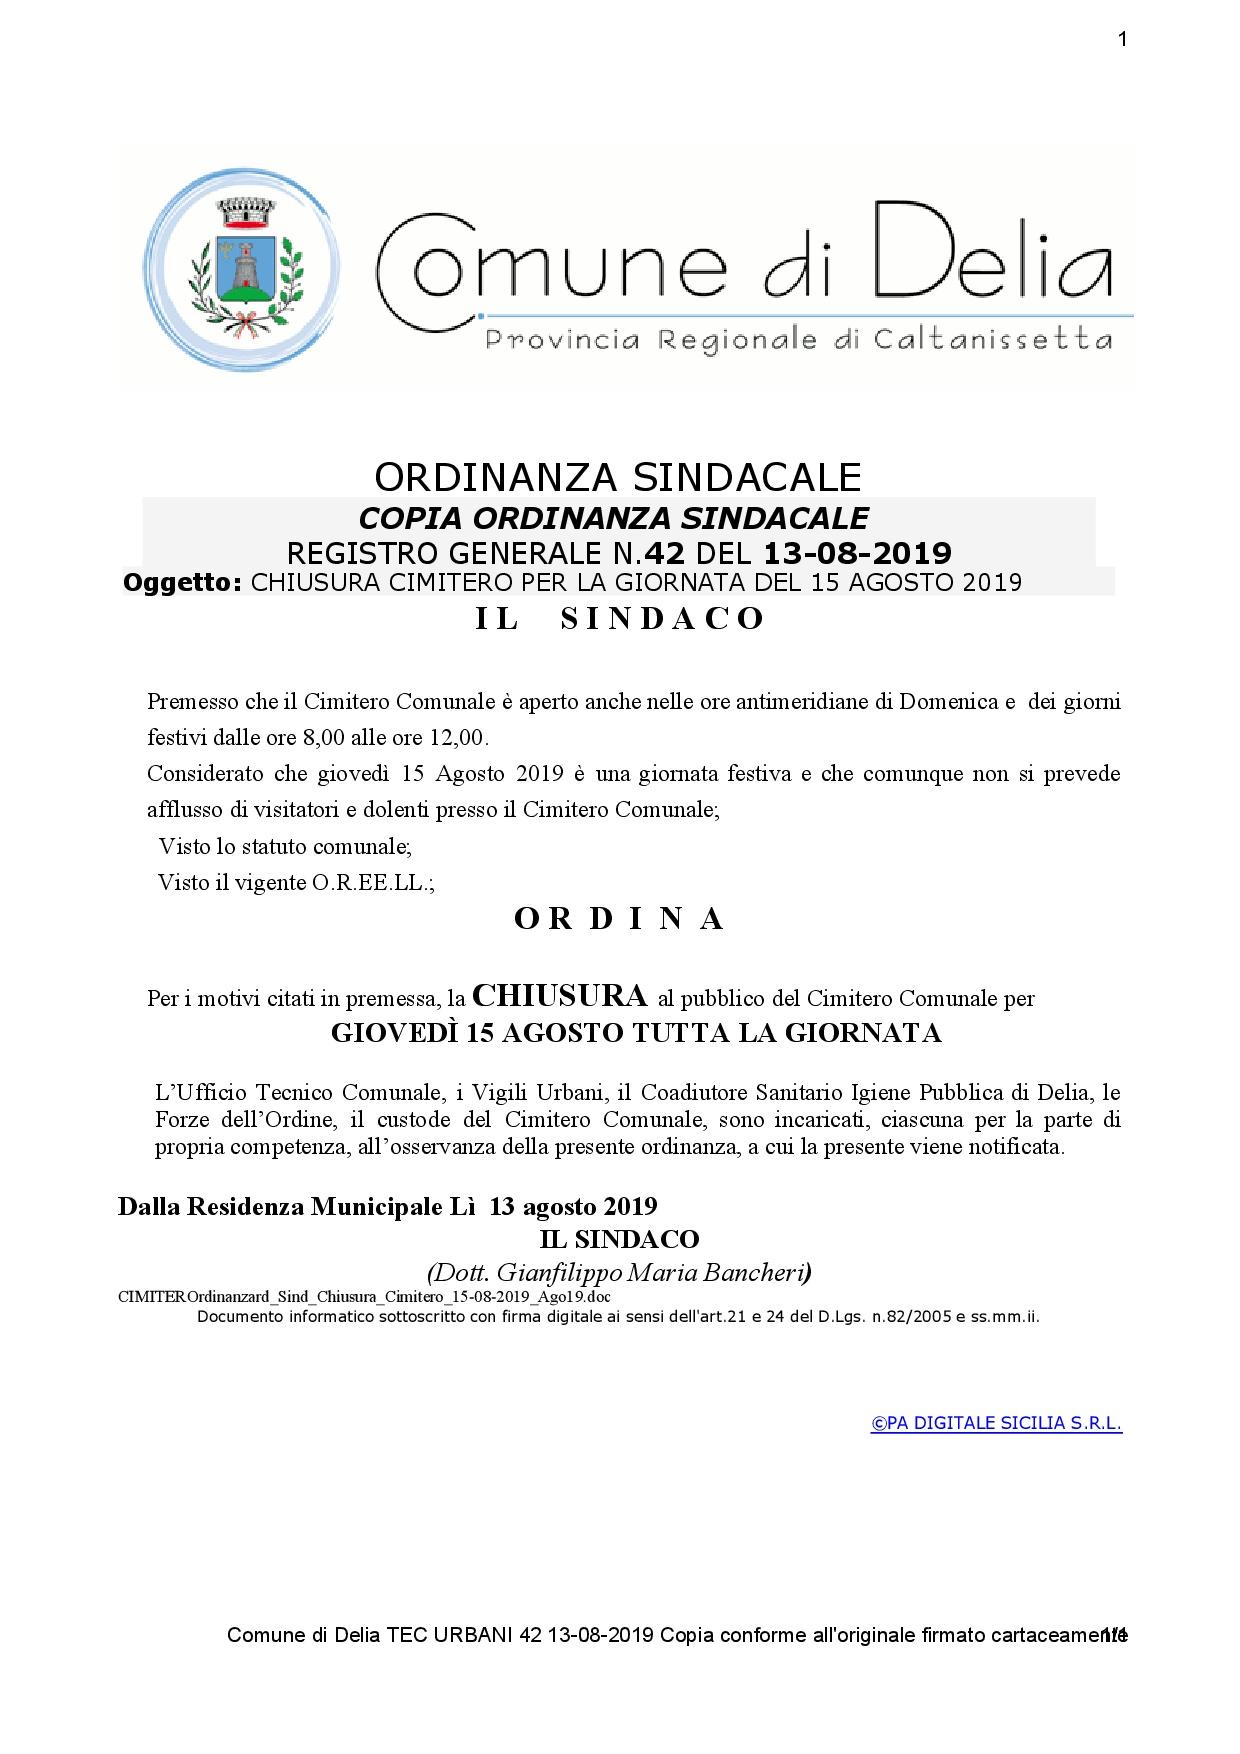 ORDINANZA SINDACALE N. 42 DEL 13-08-2019 - CHIUSURA CIMITERO PER LA GIORNATA DEL 15 AGOSTO 2019